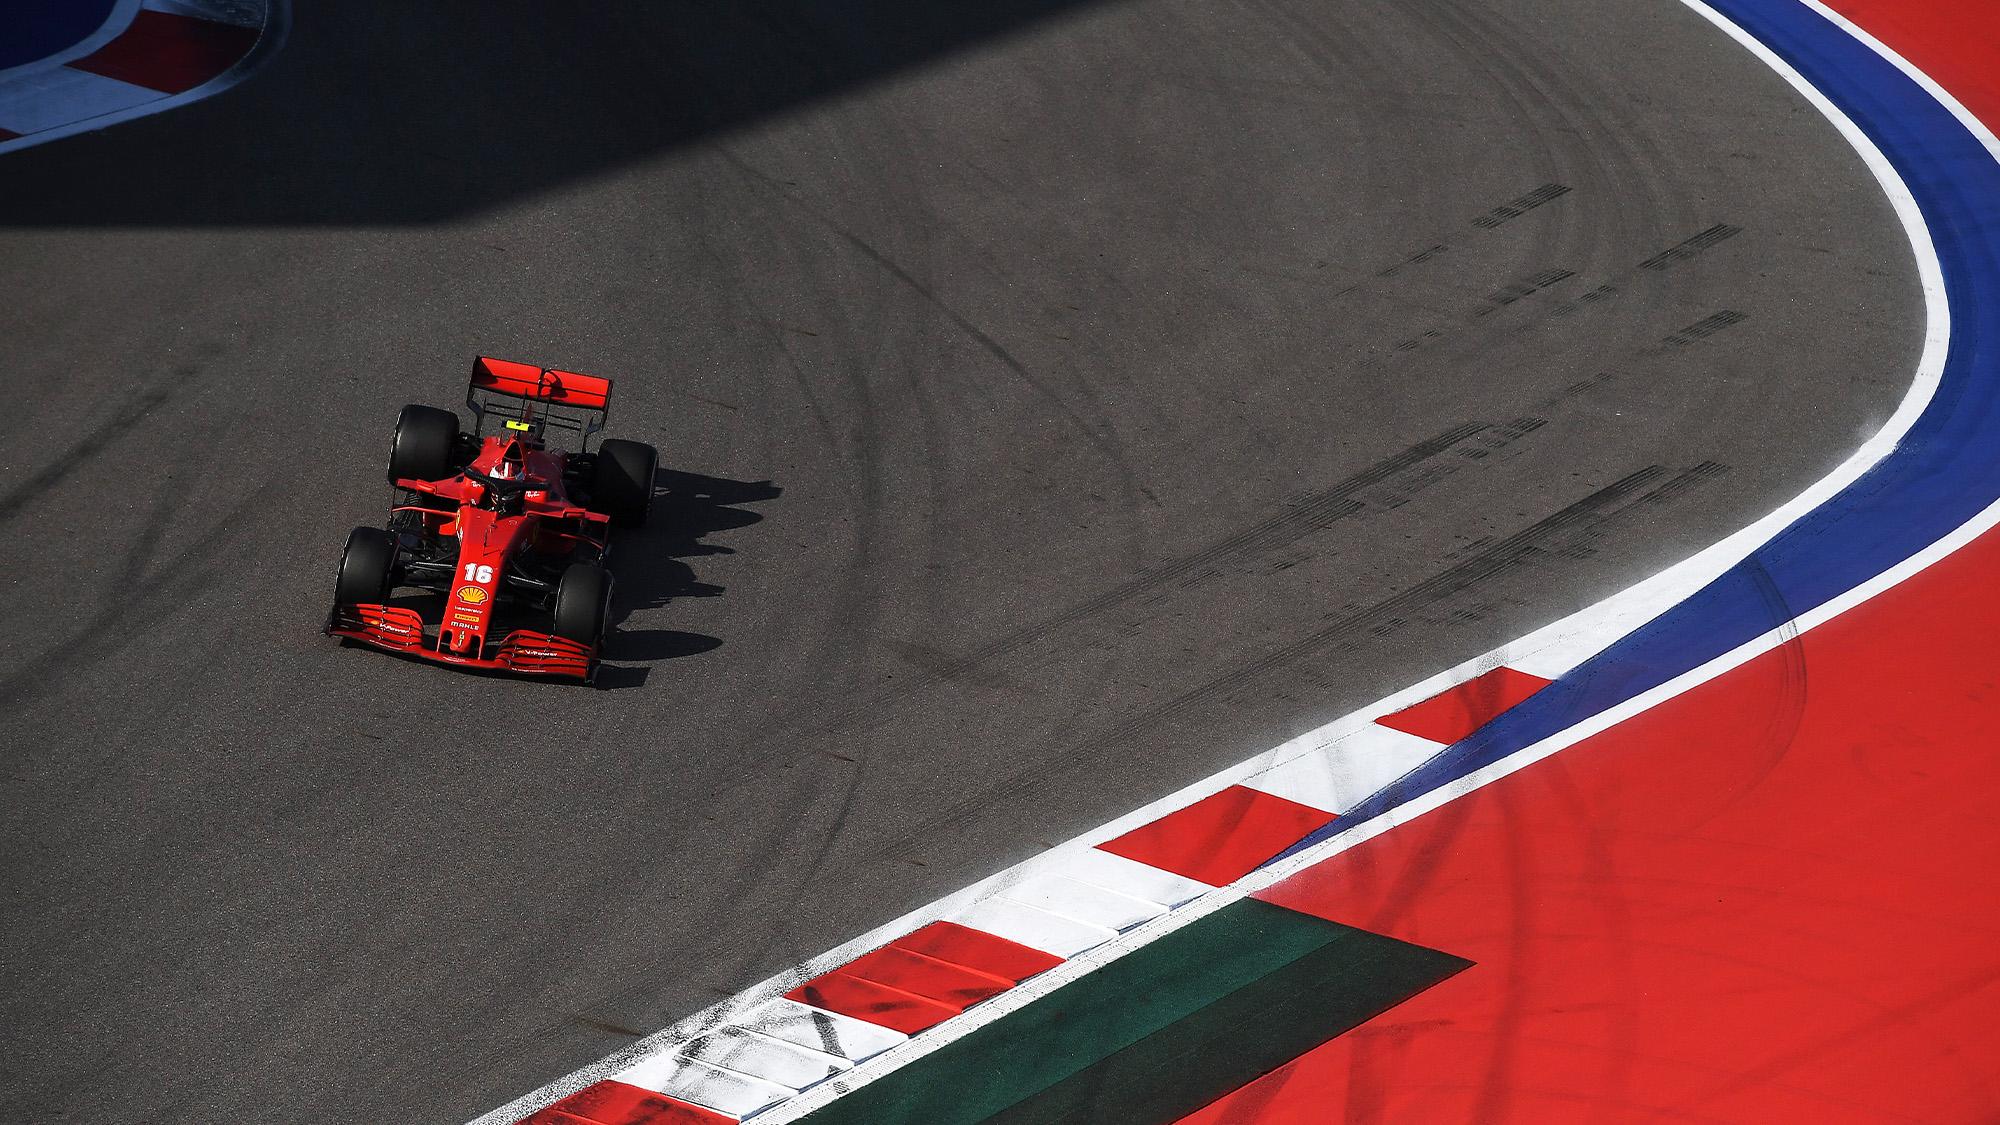 Charles Leclerc's Ferrari in Sochi during the 2020 f1 Russian Grand Prix